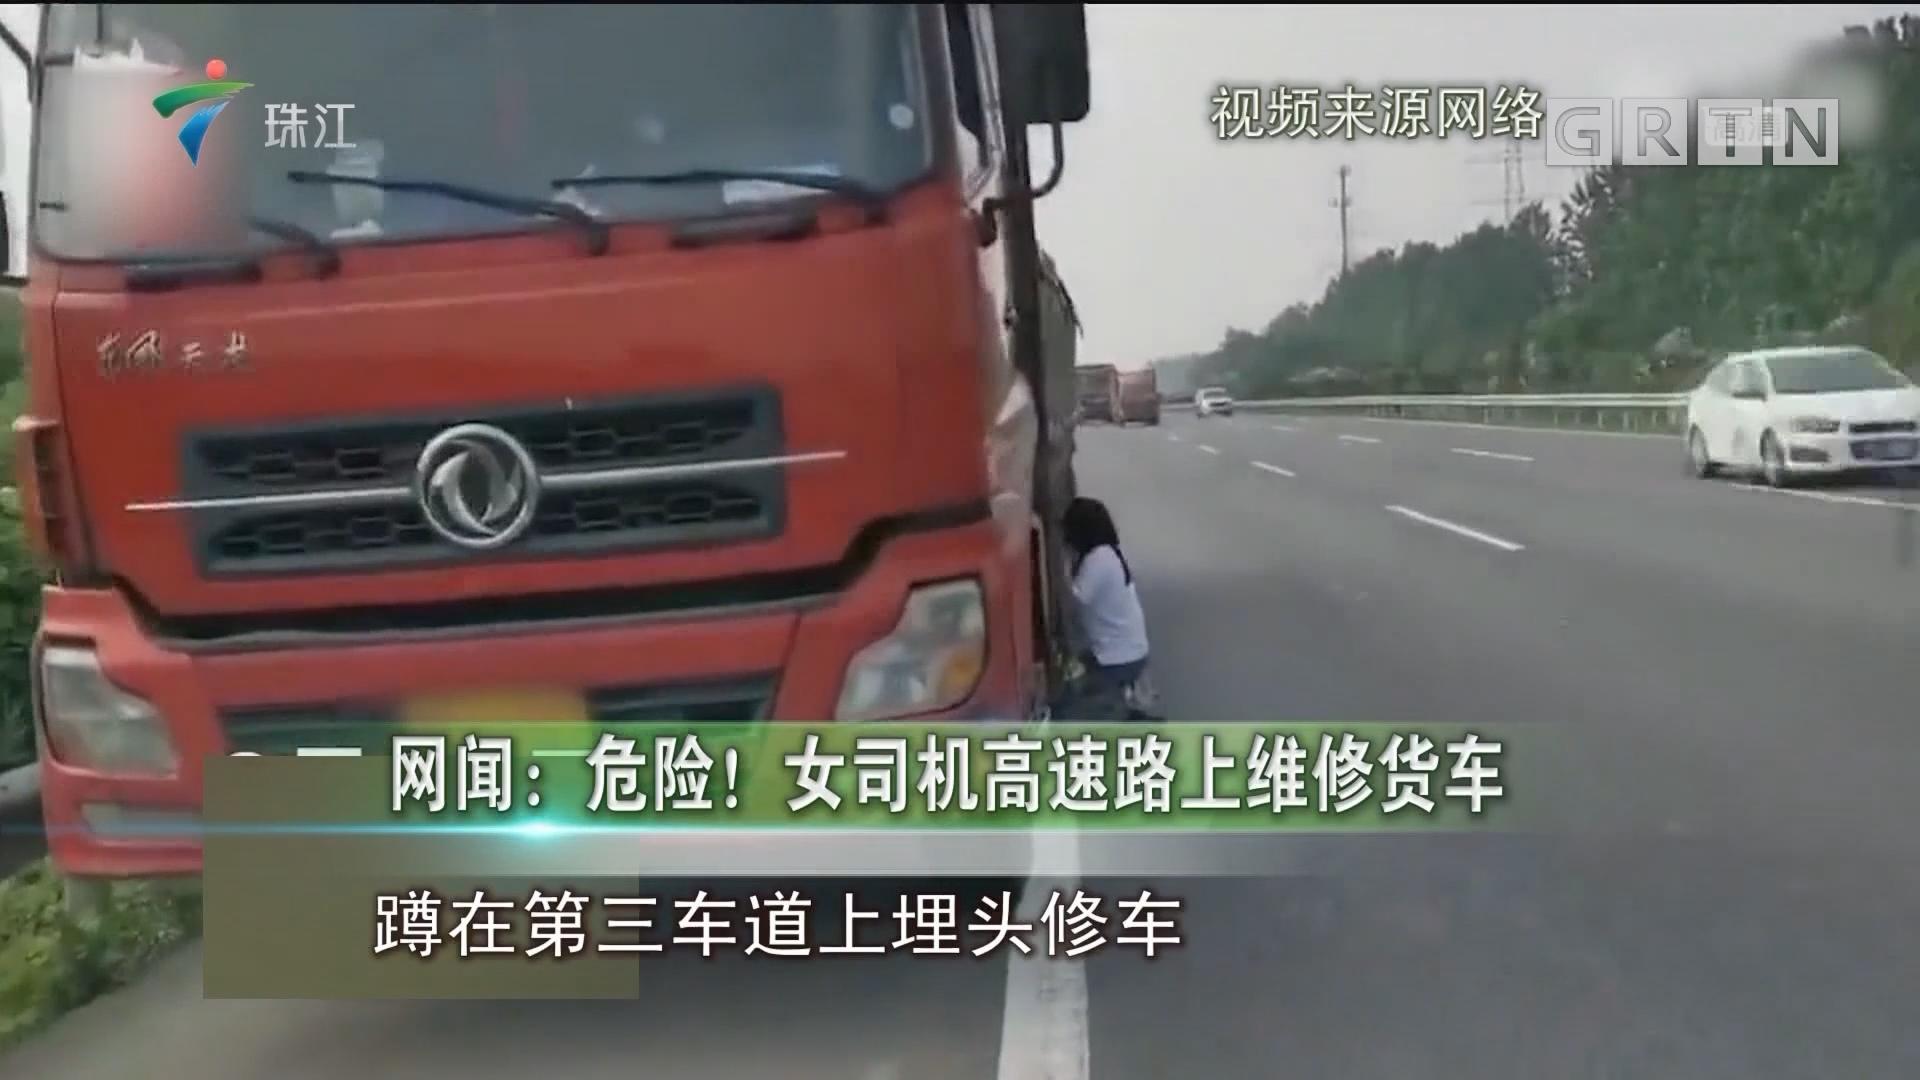 网闻:危险!女司机高速路上维修货车